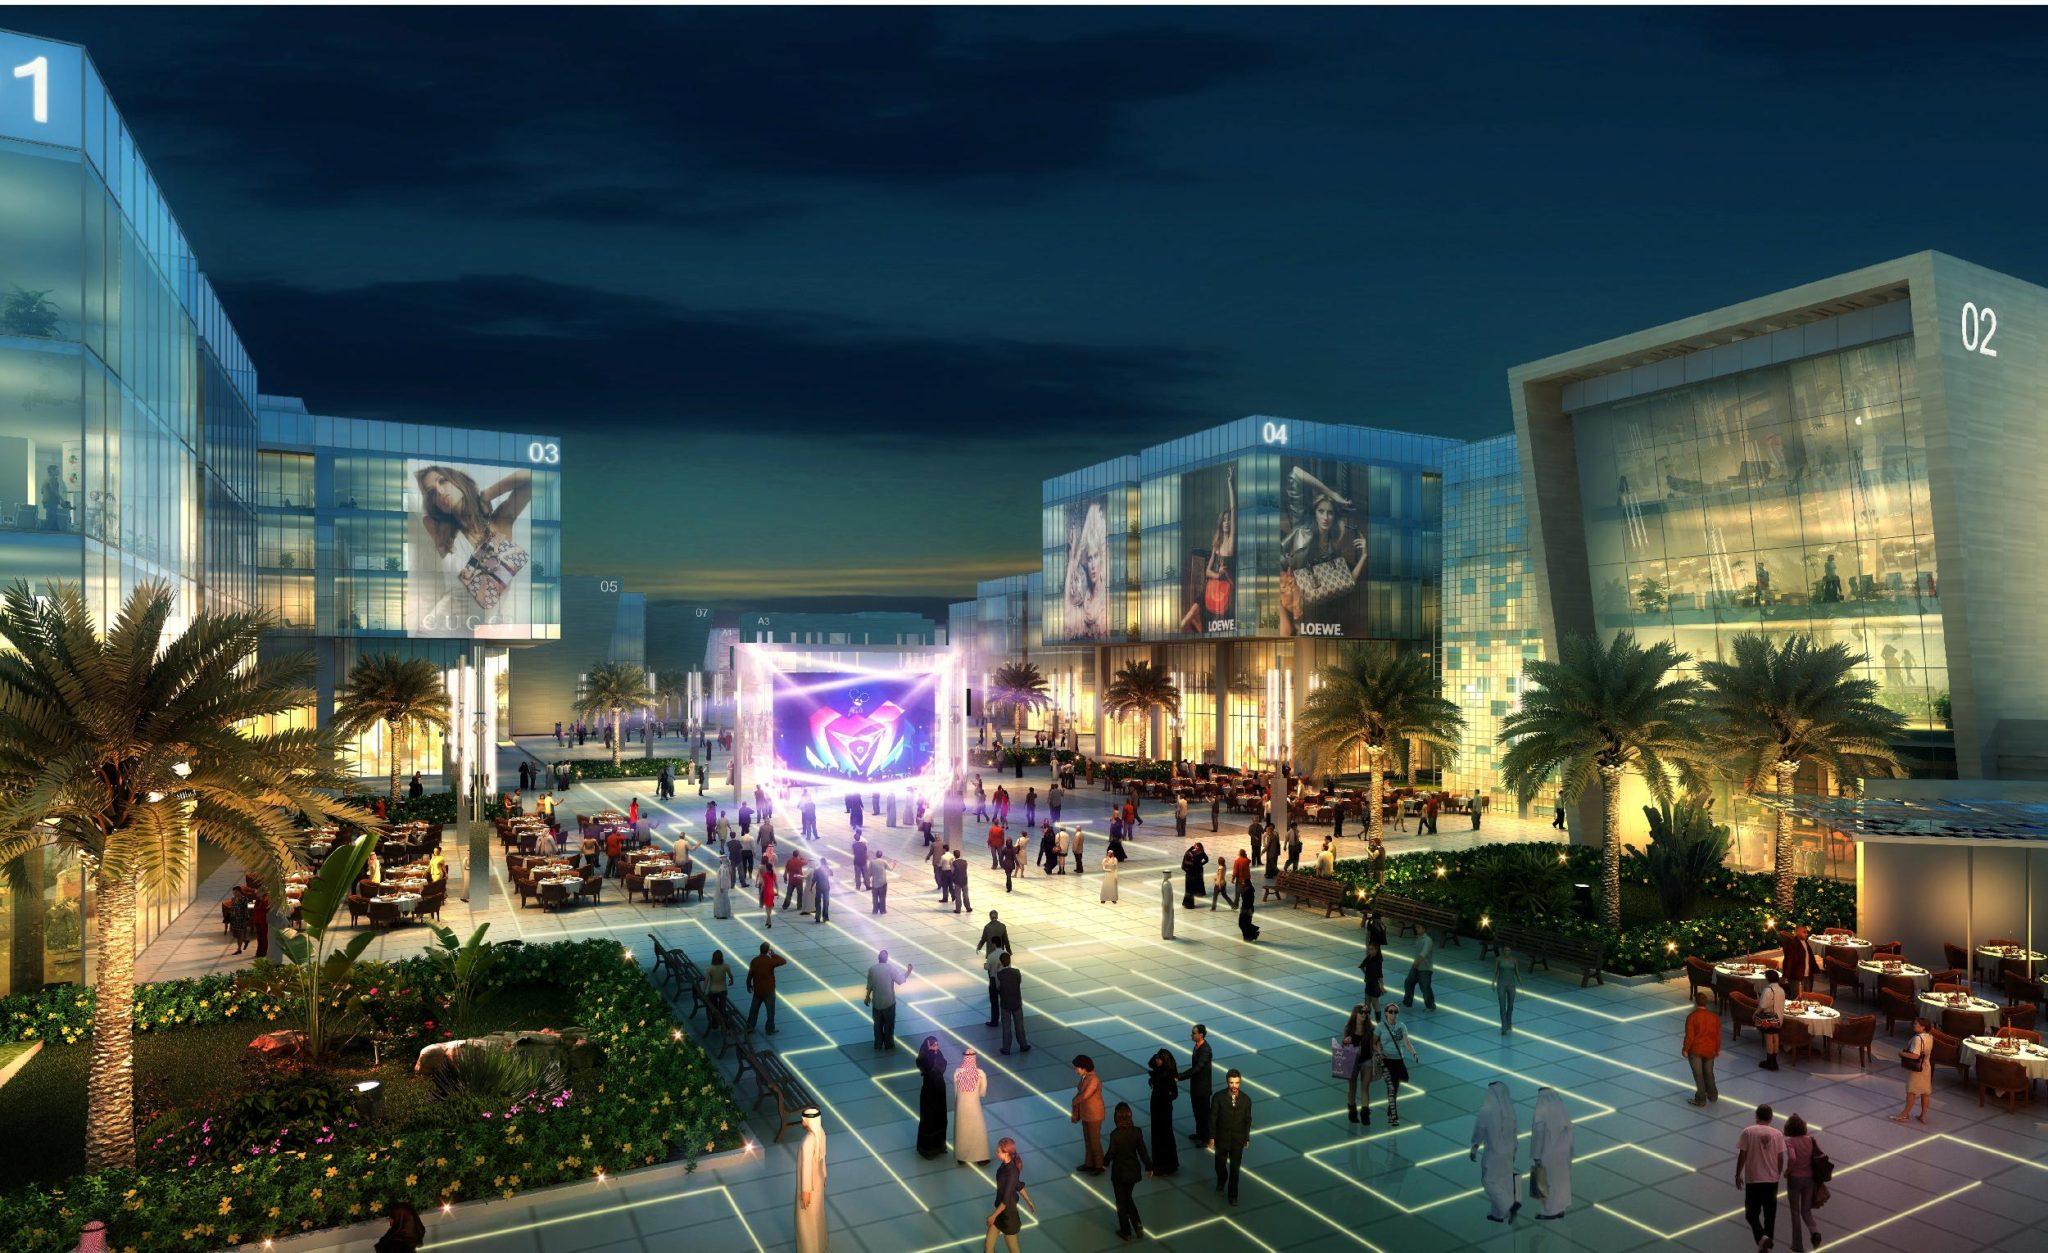 Dubai tech park launches $299million 'smart city' project